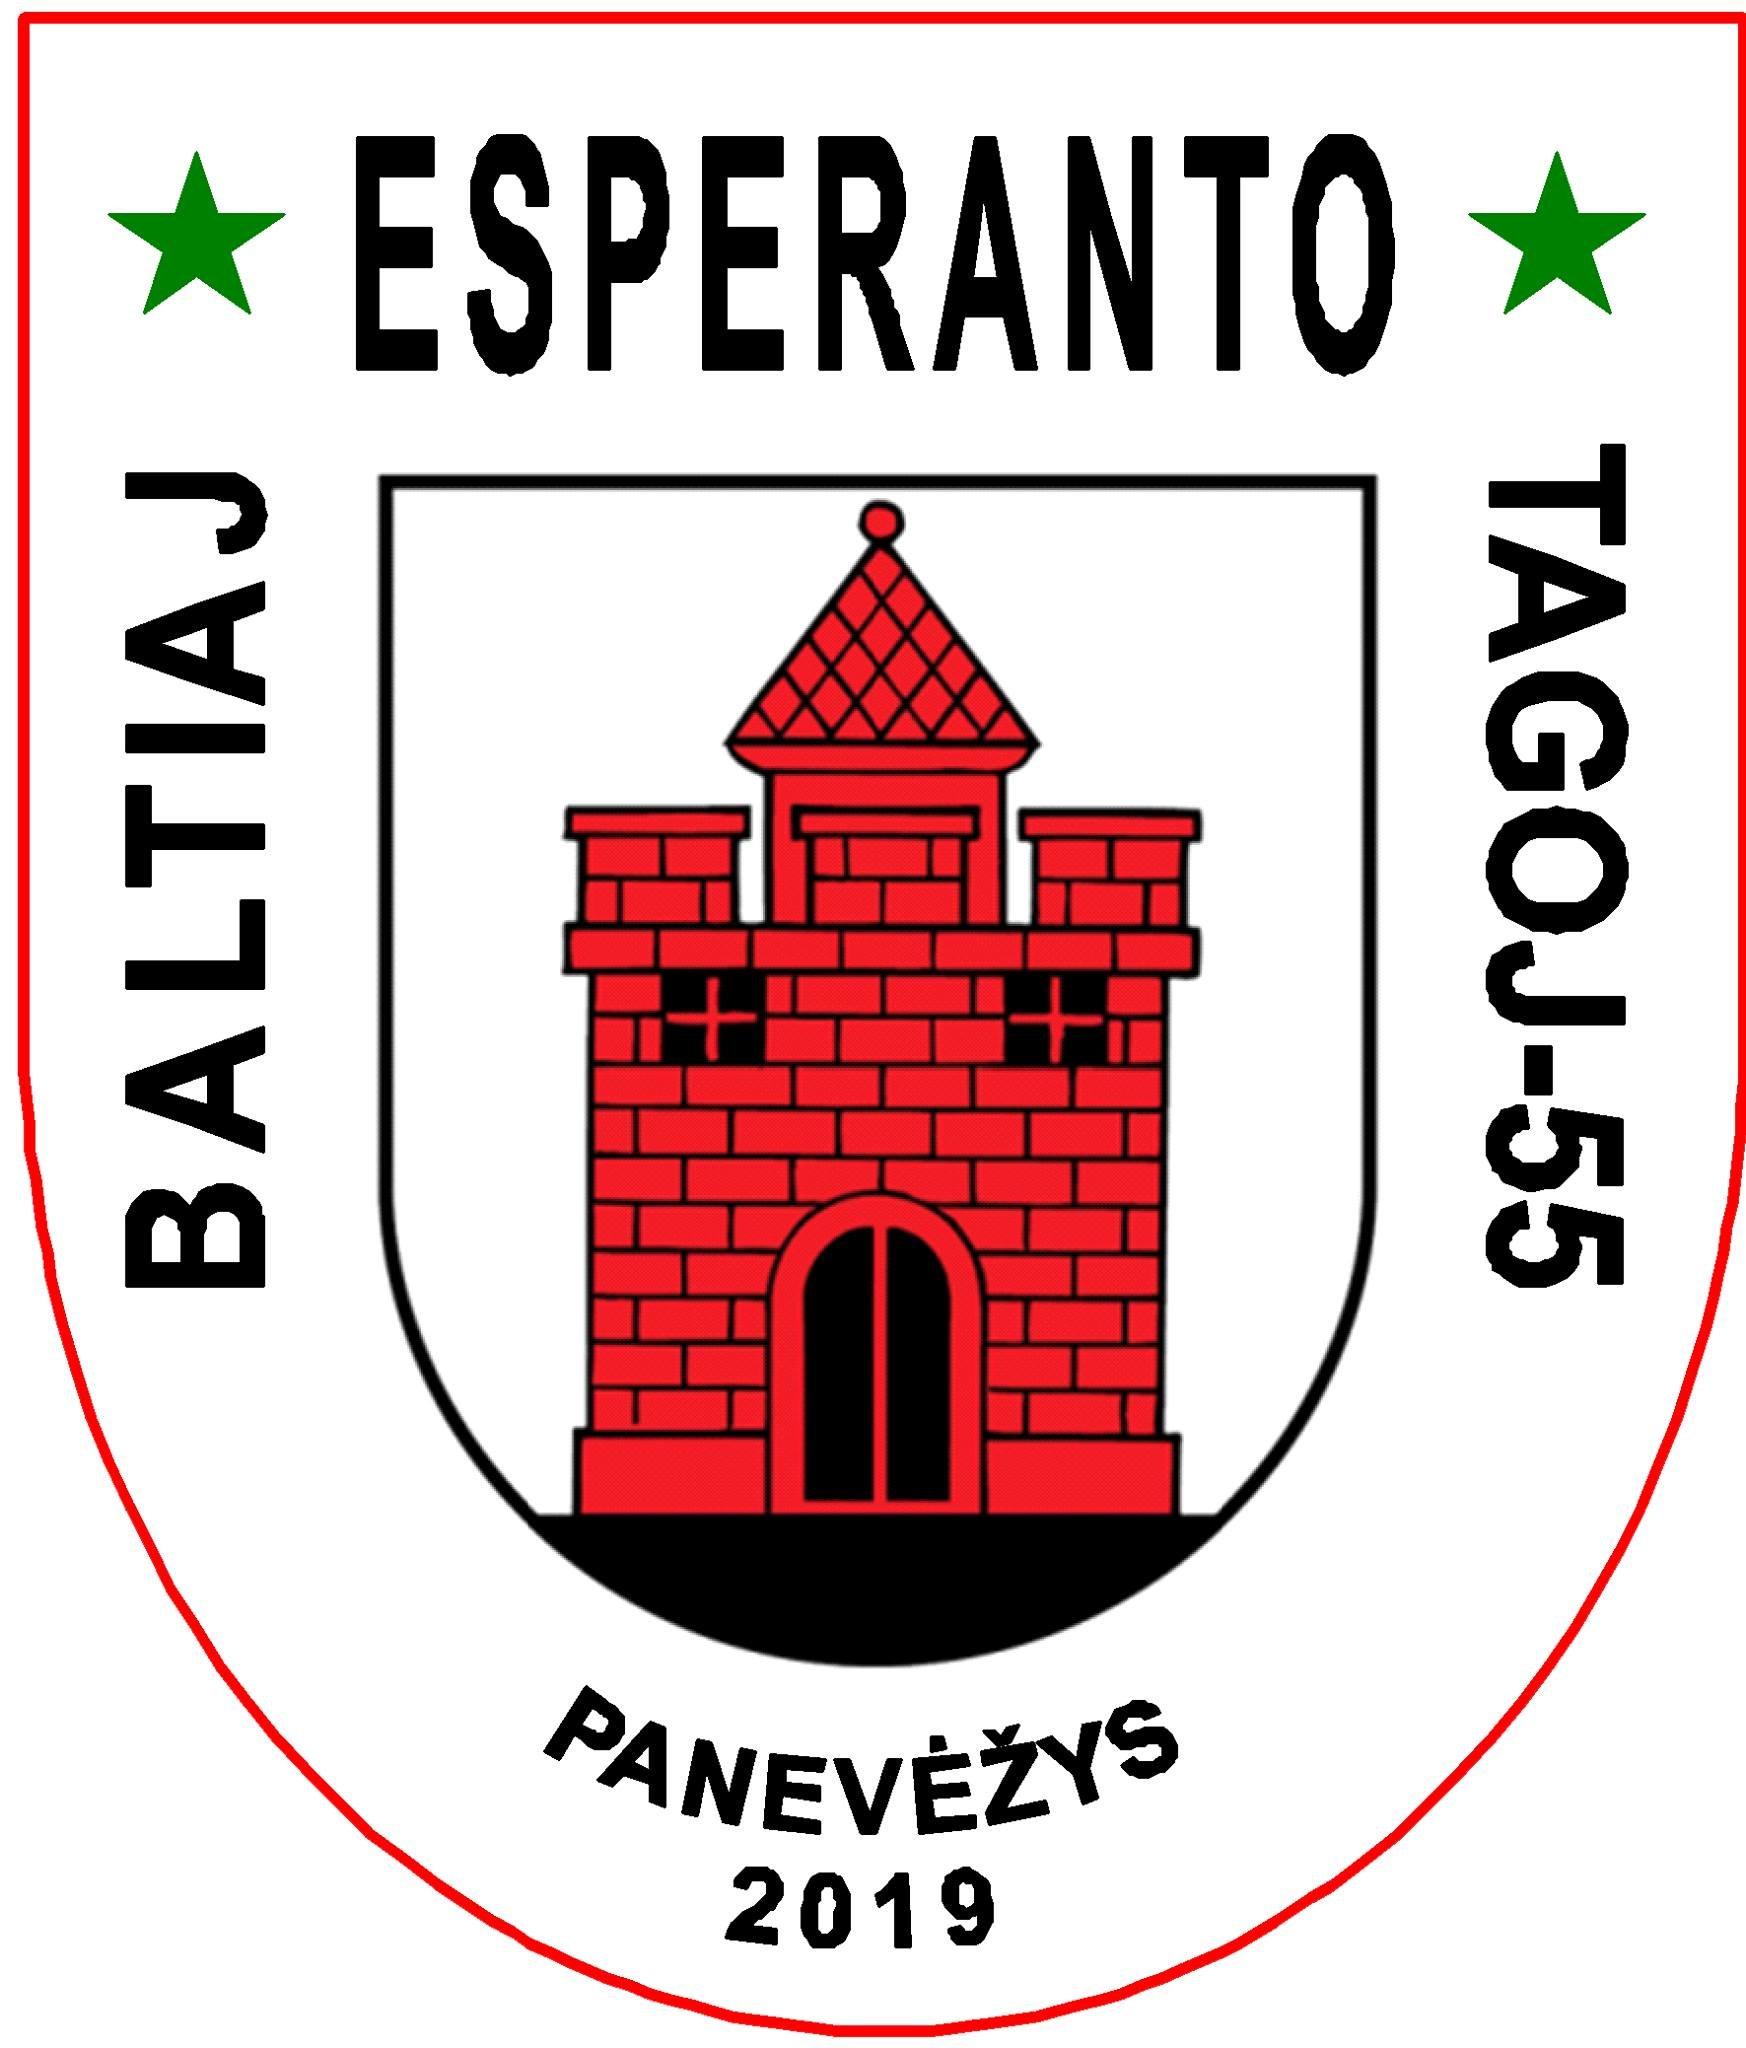 55èmes Journées d'Espéranto de la Baltique, à Panevėžys (Lituanie), 6-14 juillet 2019